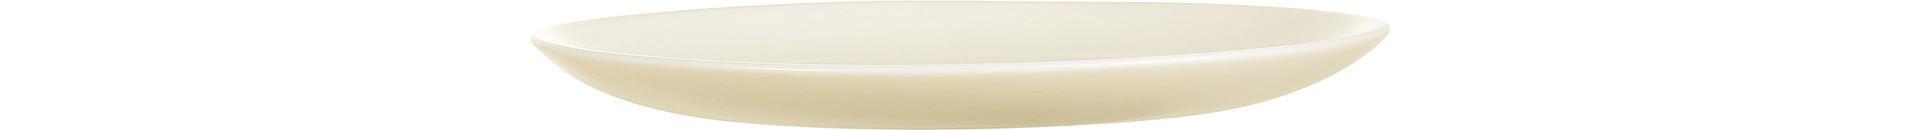 Intensity Cream, Coupteller flach ø 160 mm